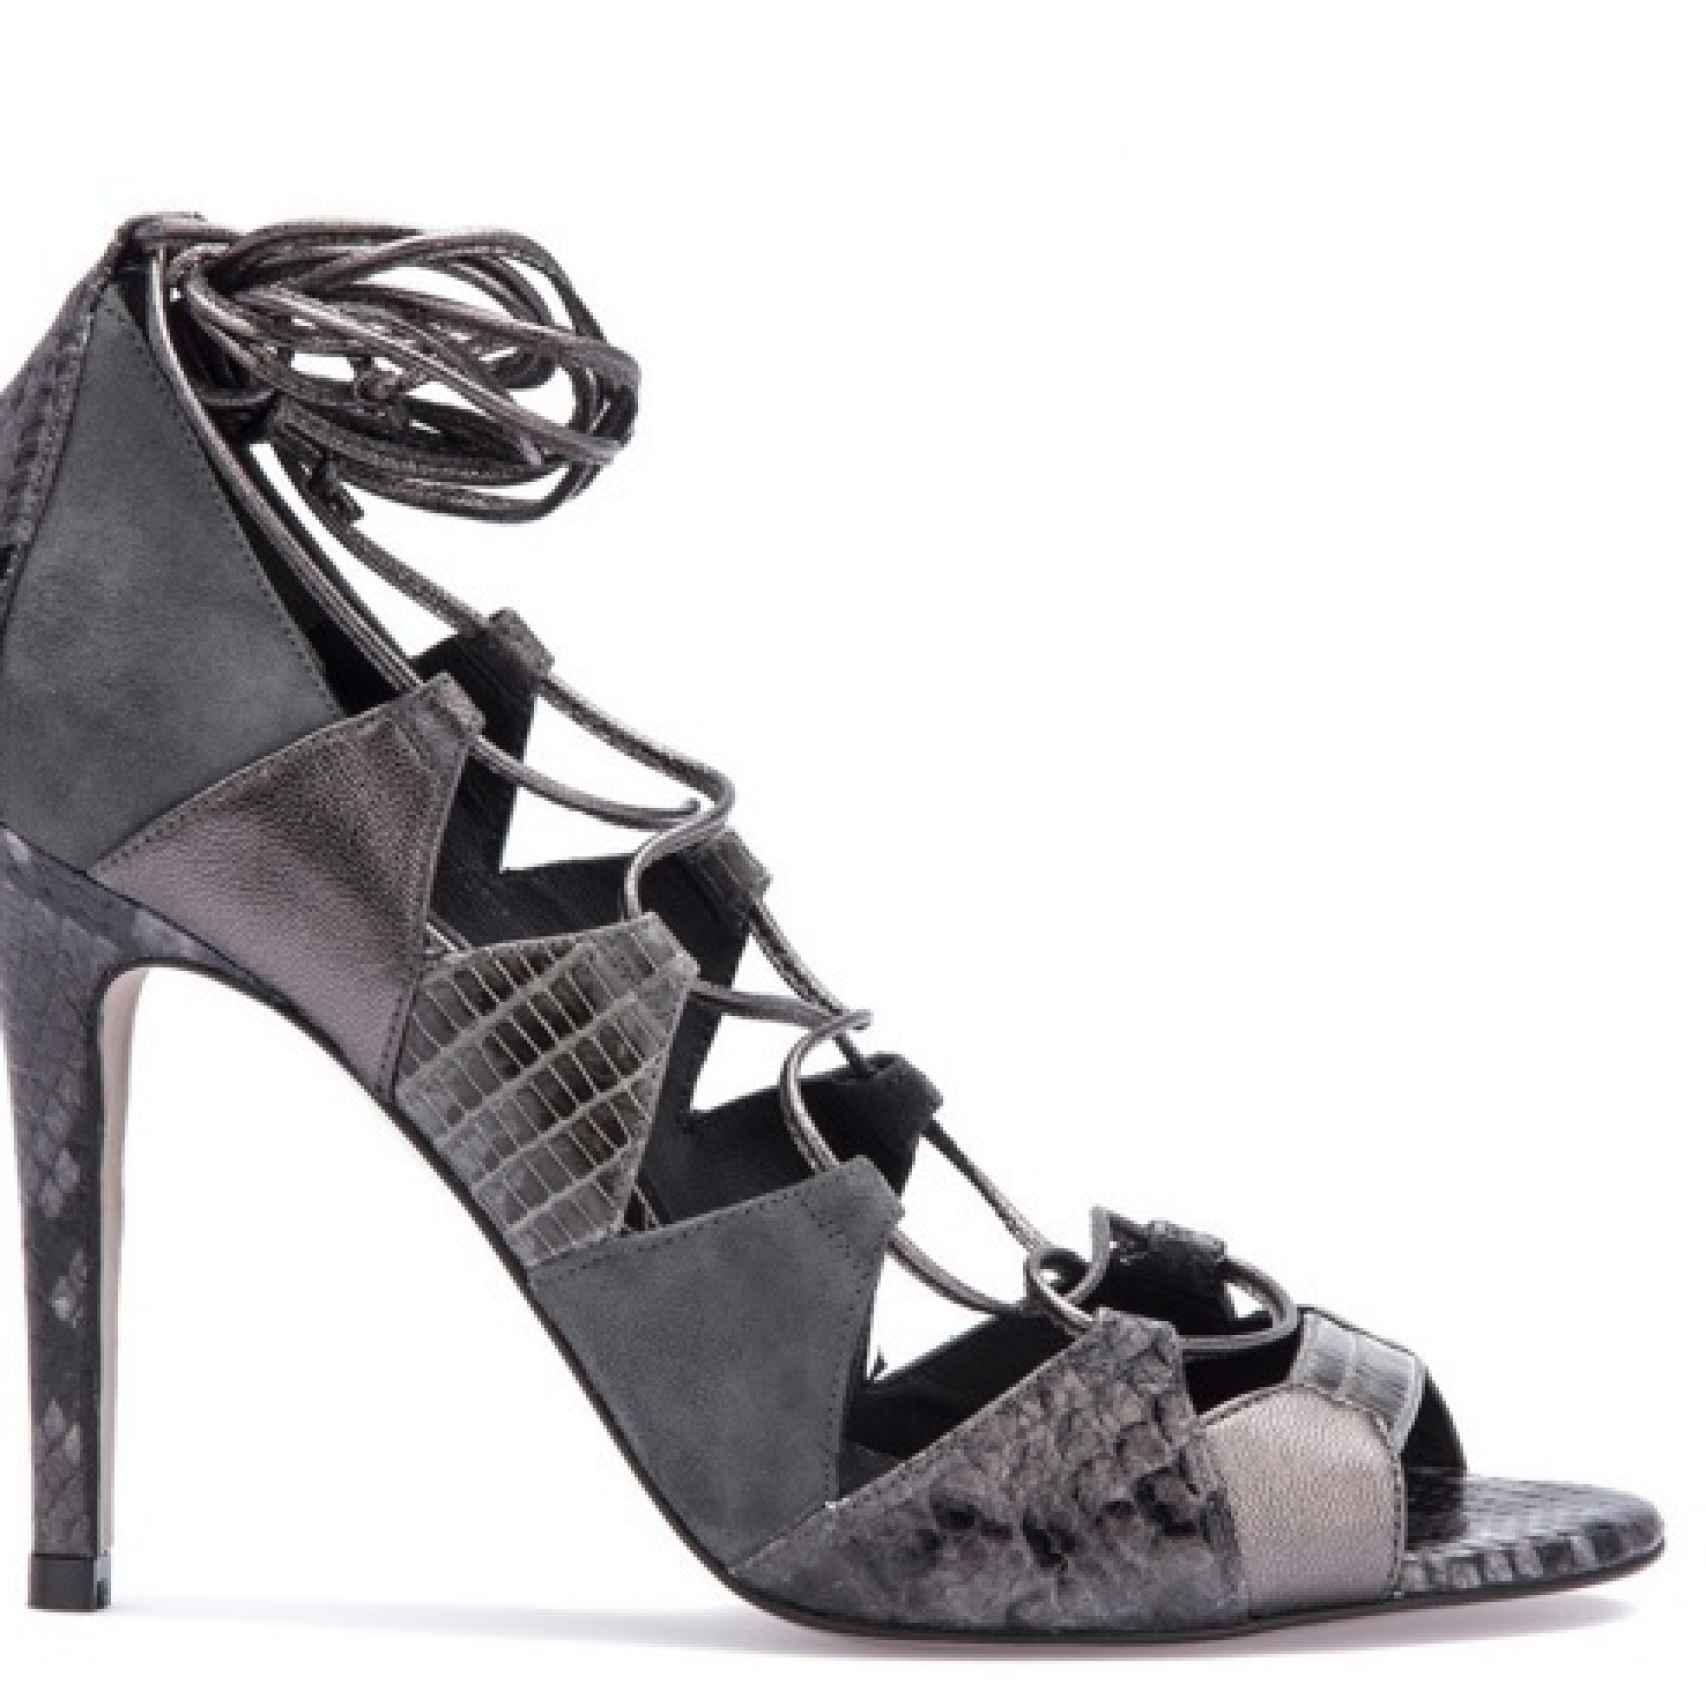 Zapato de Magrit con la misma composición que los de Doña Letizia